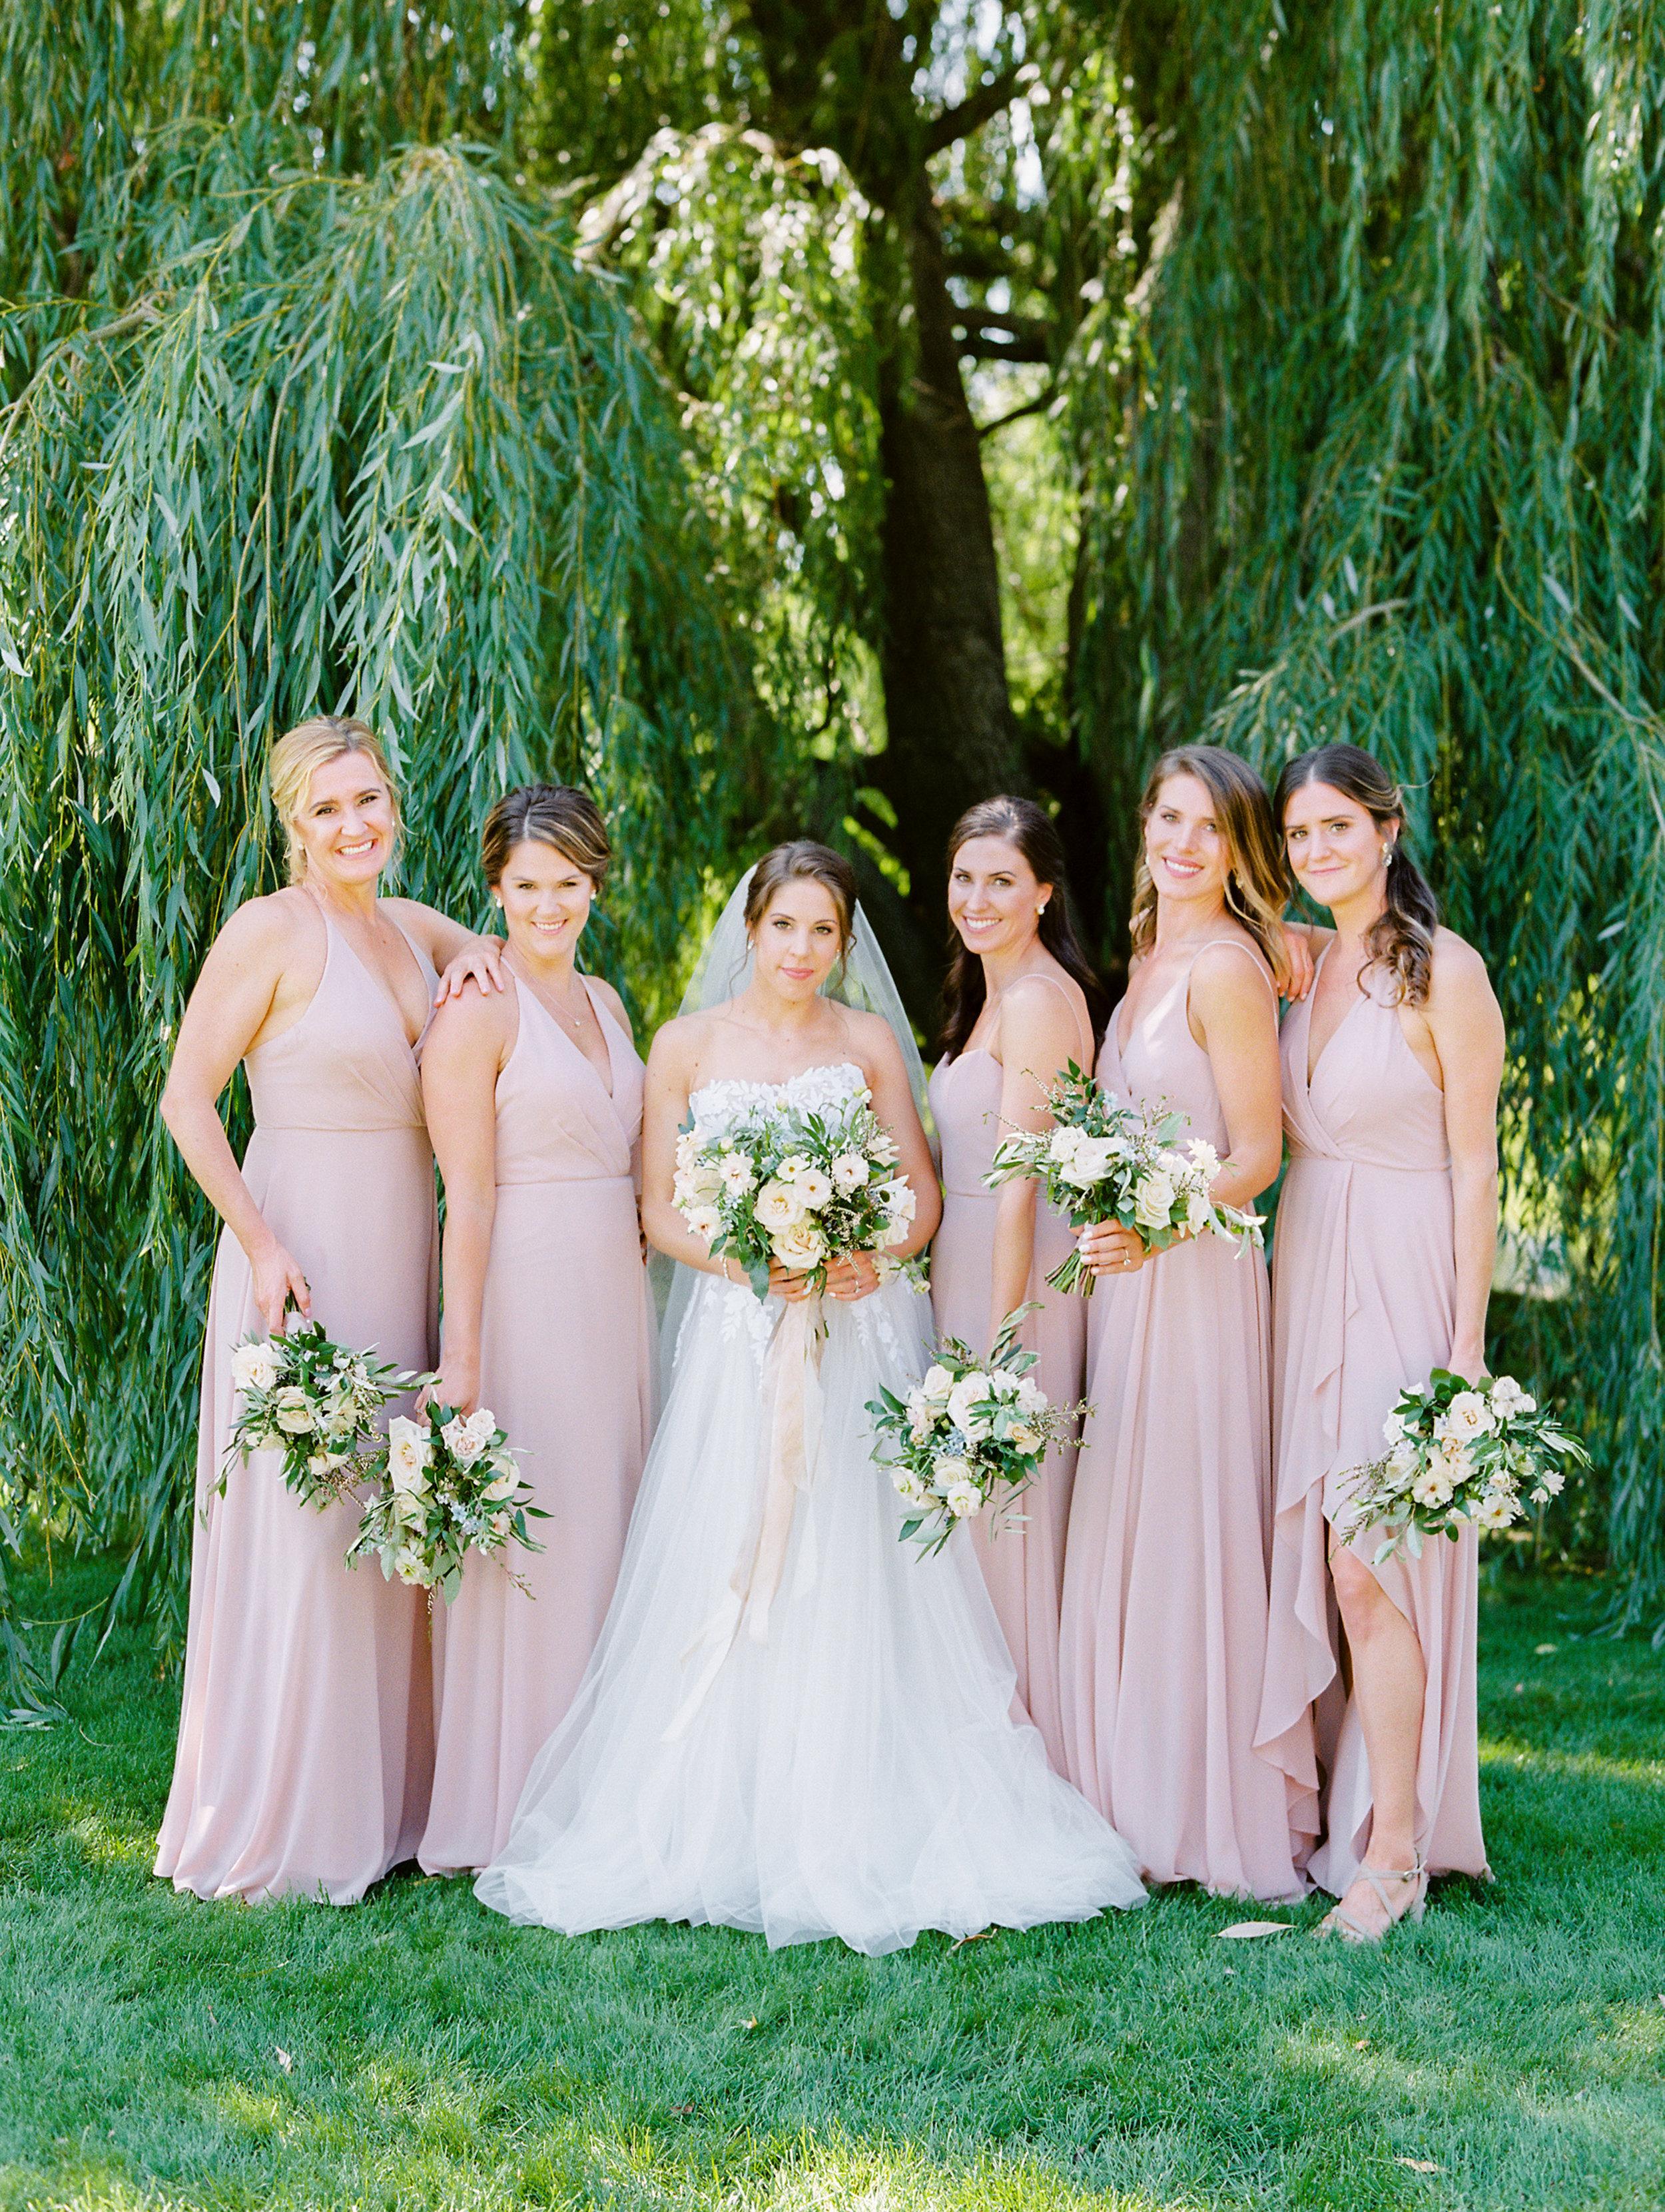 Steinlage+Wedding+Bridal+Party-50.jpg